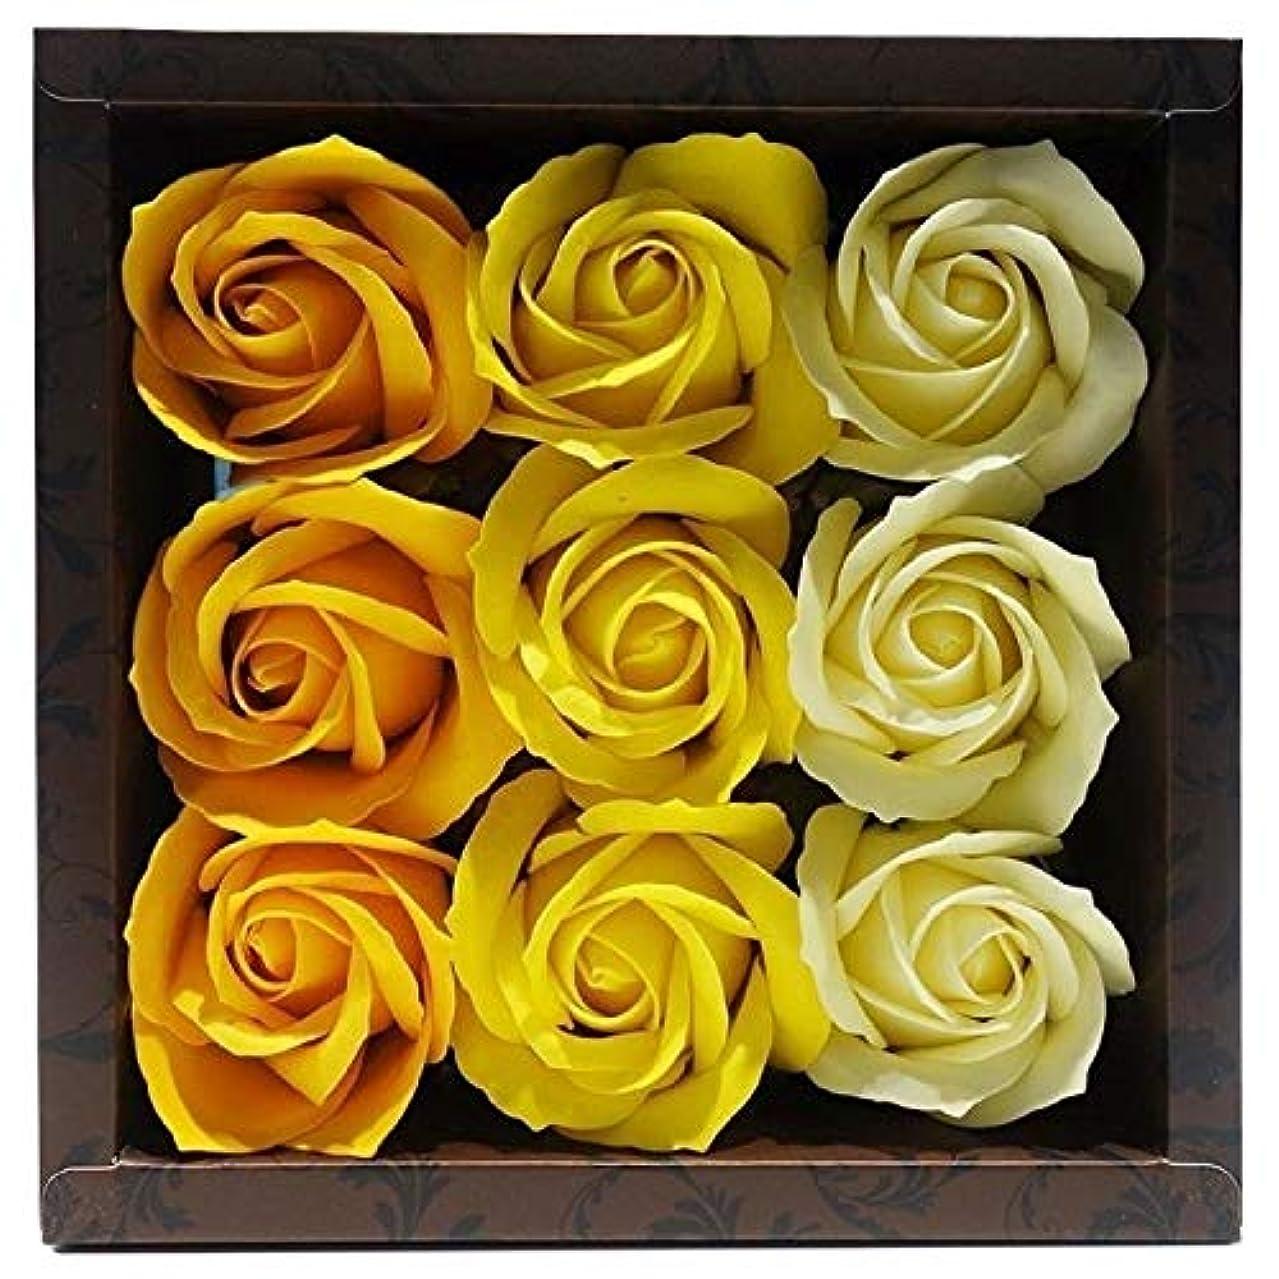 休日父方の重要なバスフレグランス バスフラワー ローズフレグランス イエローカラー ギフト お花の形の入浴剤